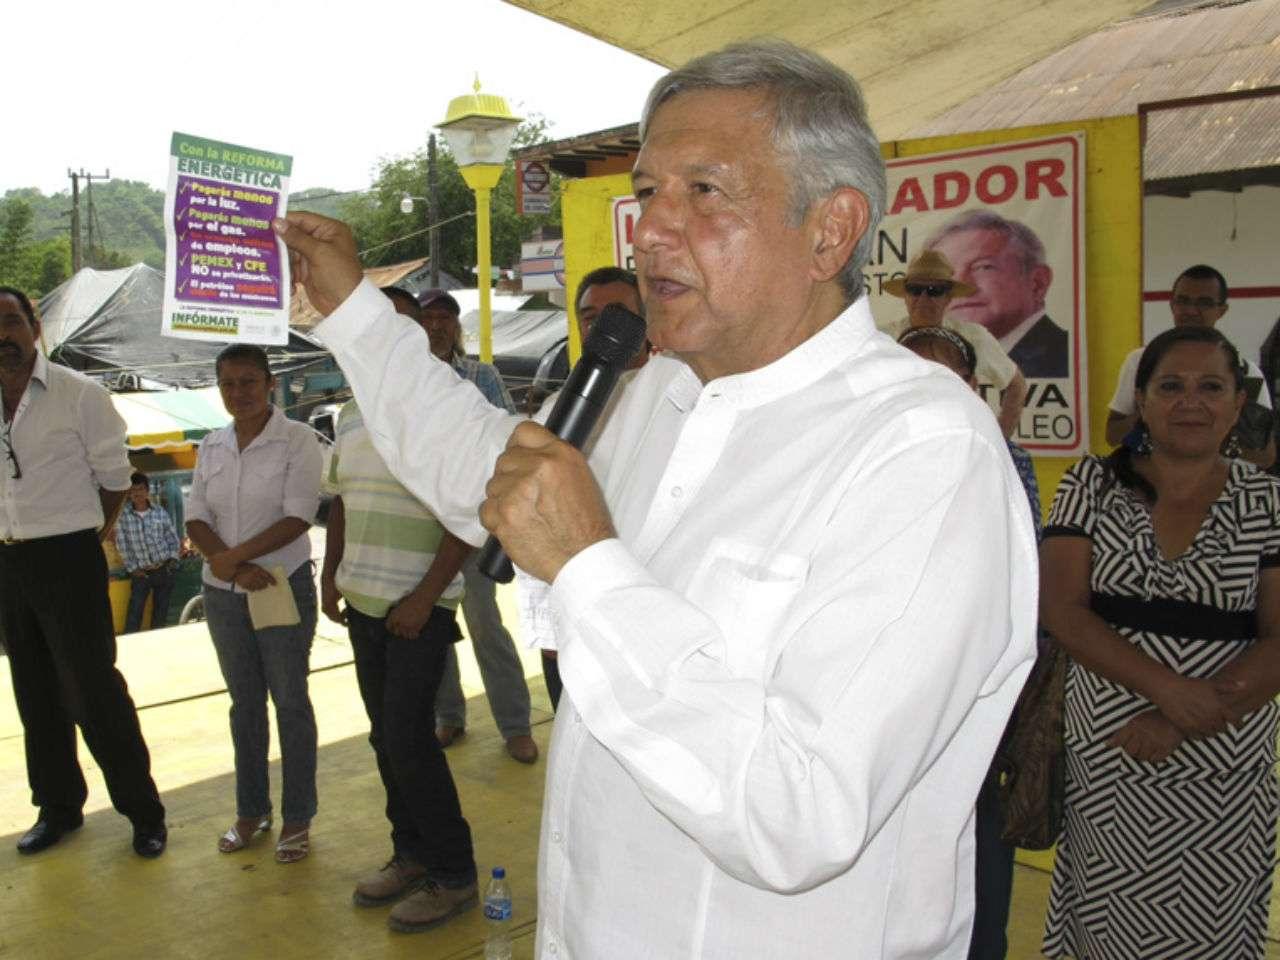 La reforma energética es sinónimo de la privatización de la industria petrolera nacional, aseveró López Obrador. Foto: http://lopezobrador.org.mx/